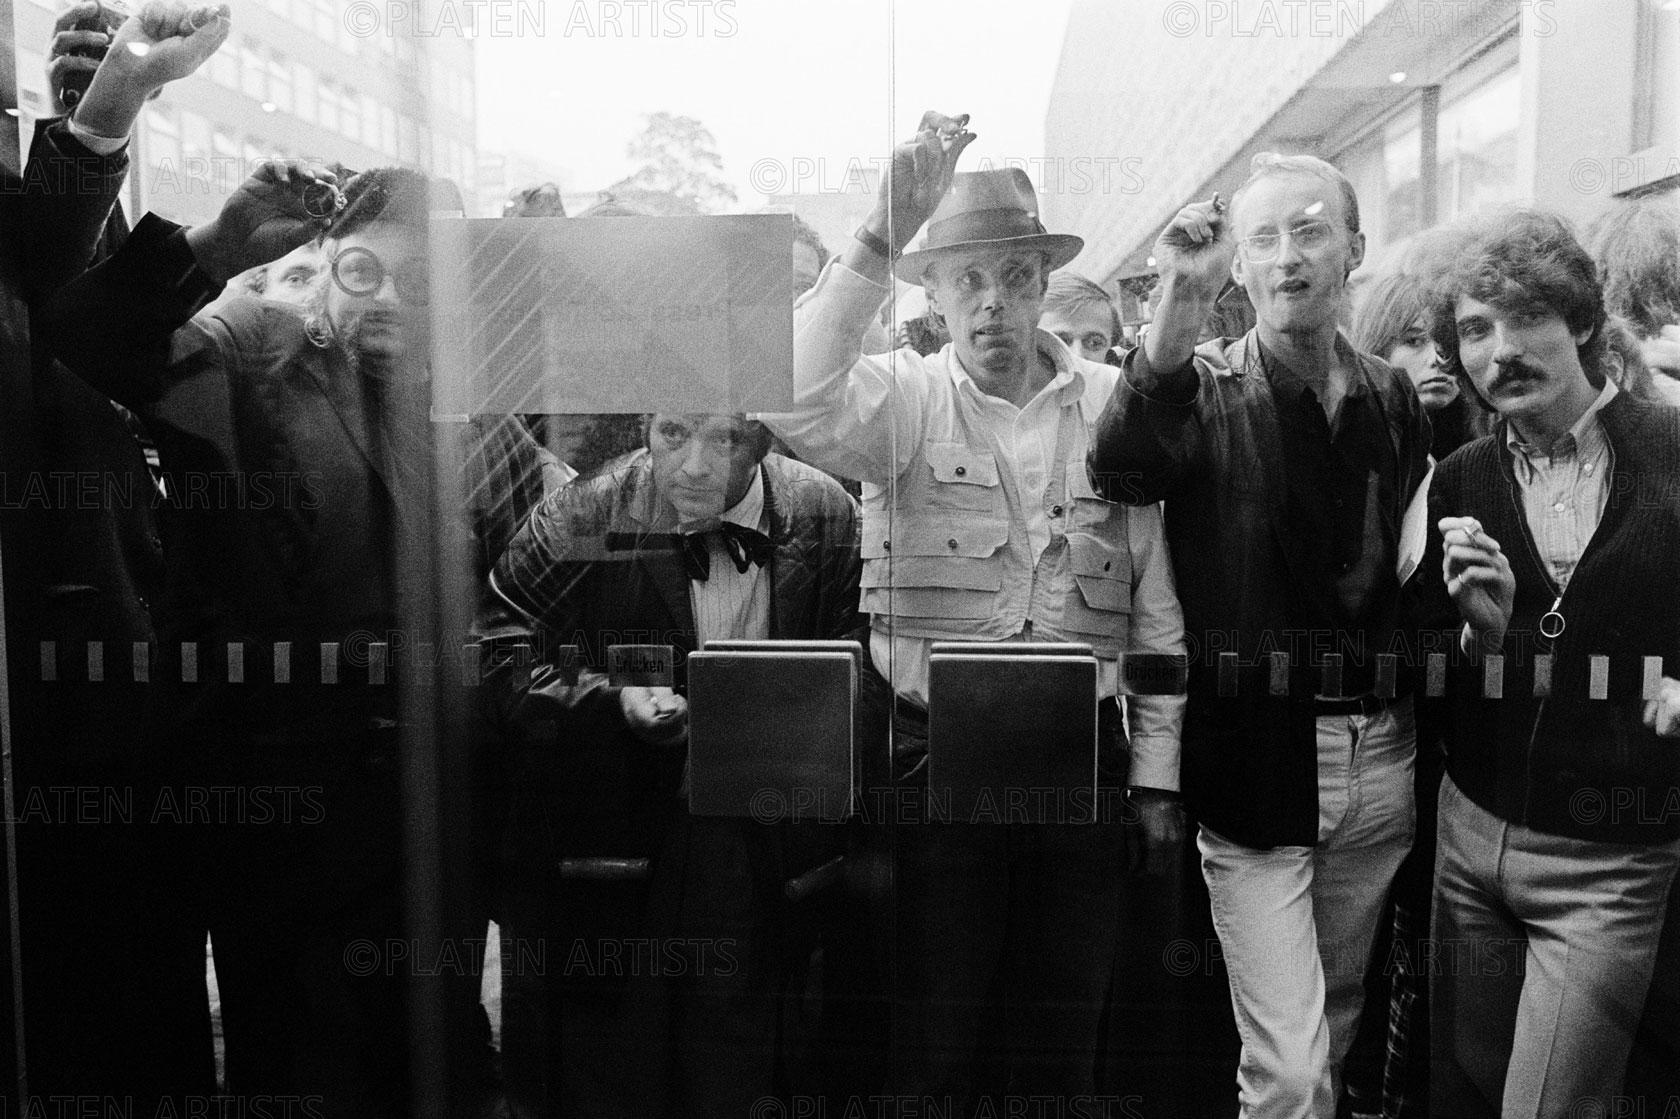 Joseph Beuys, Attacke, Köln, 1970